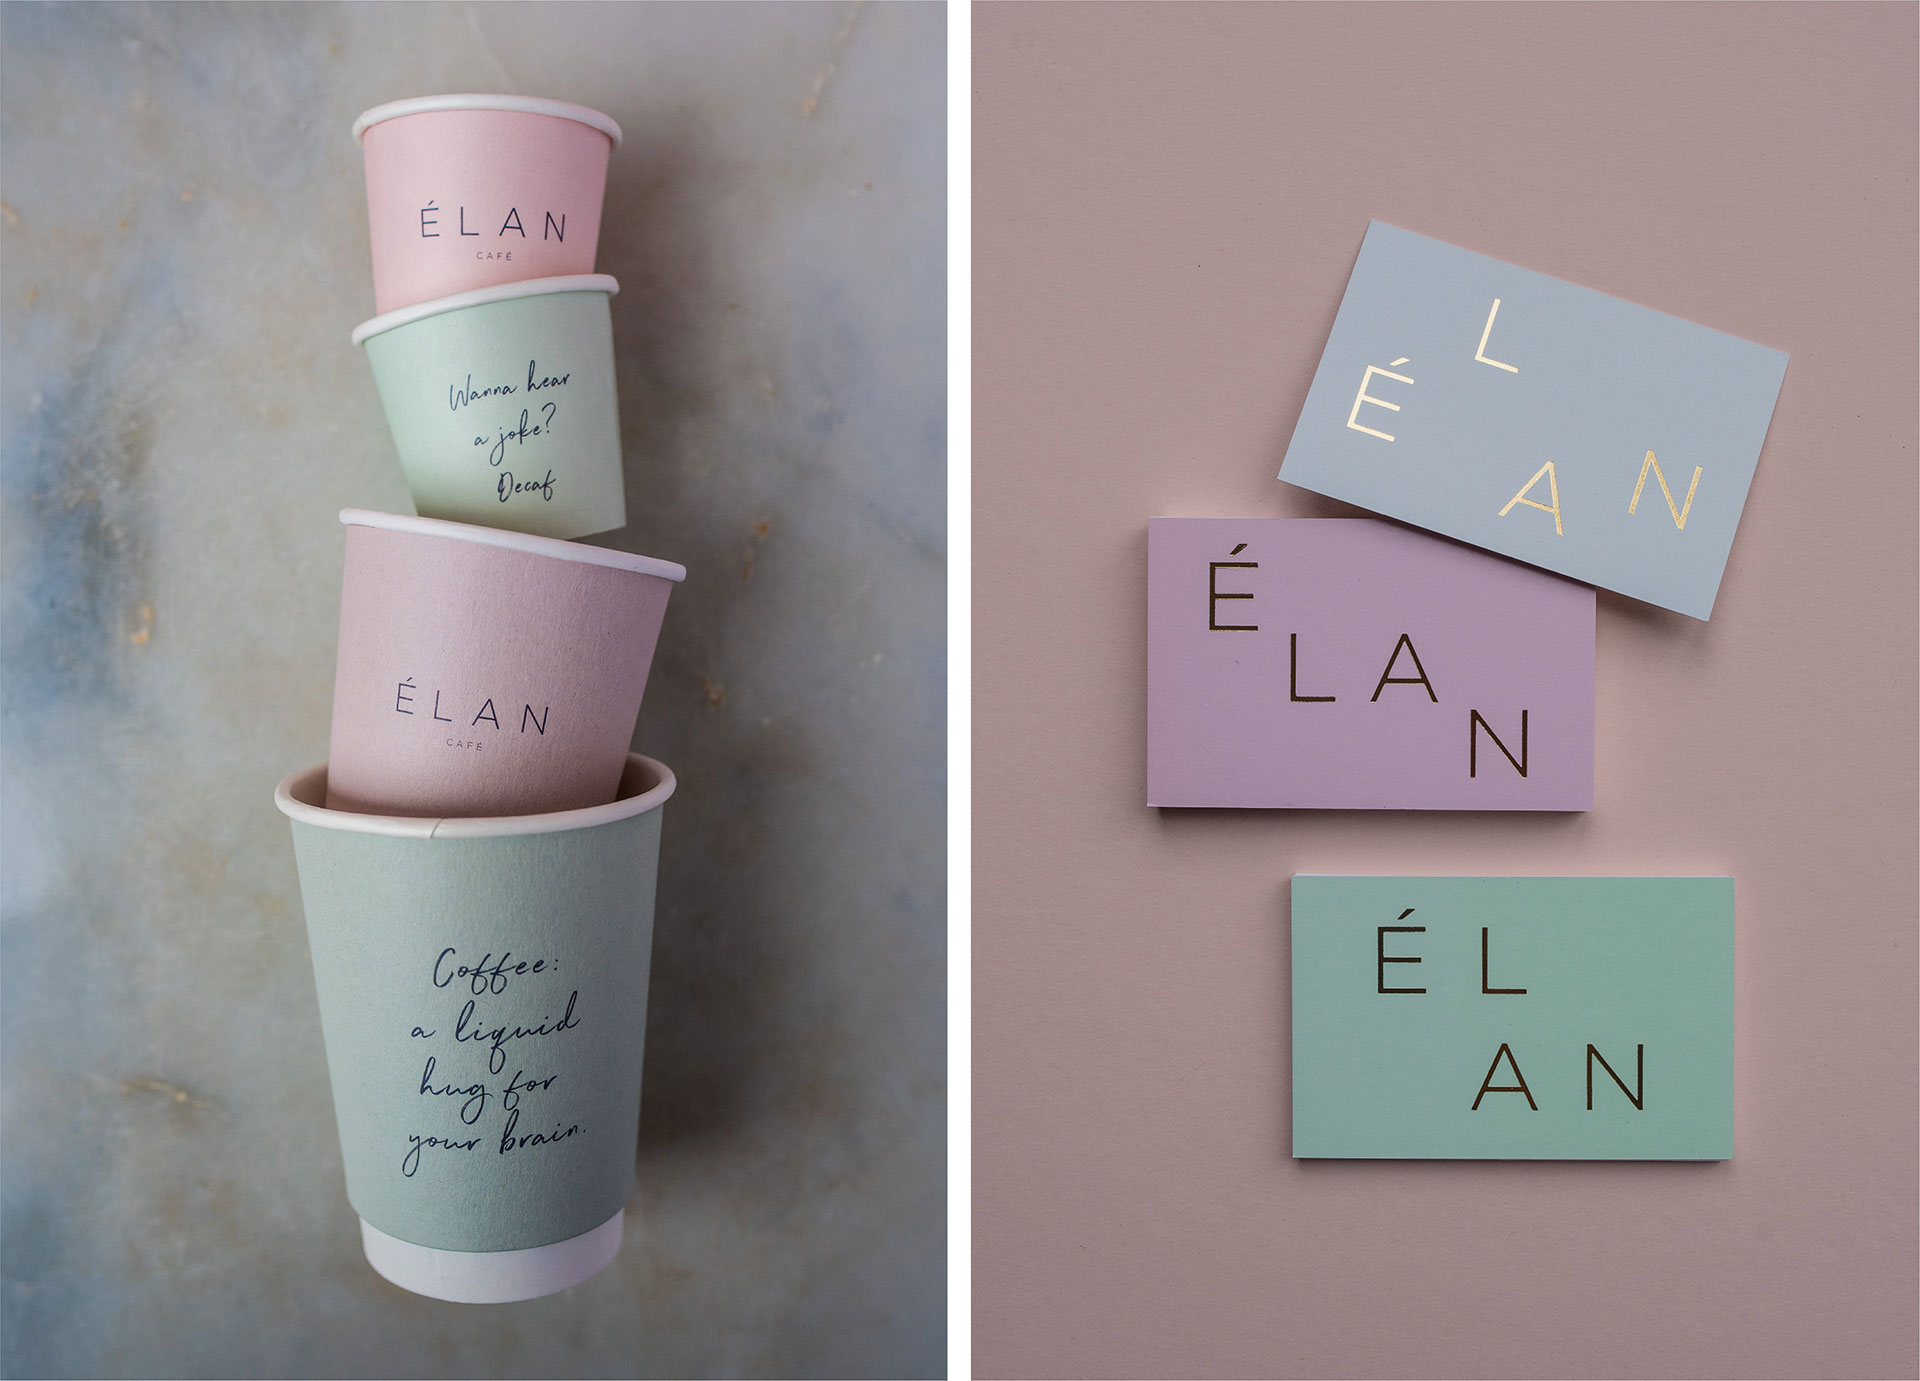 ELAN-Artboard-66-